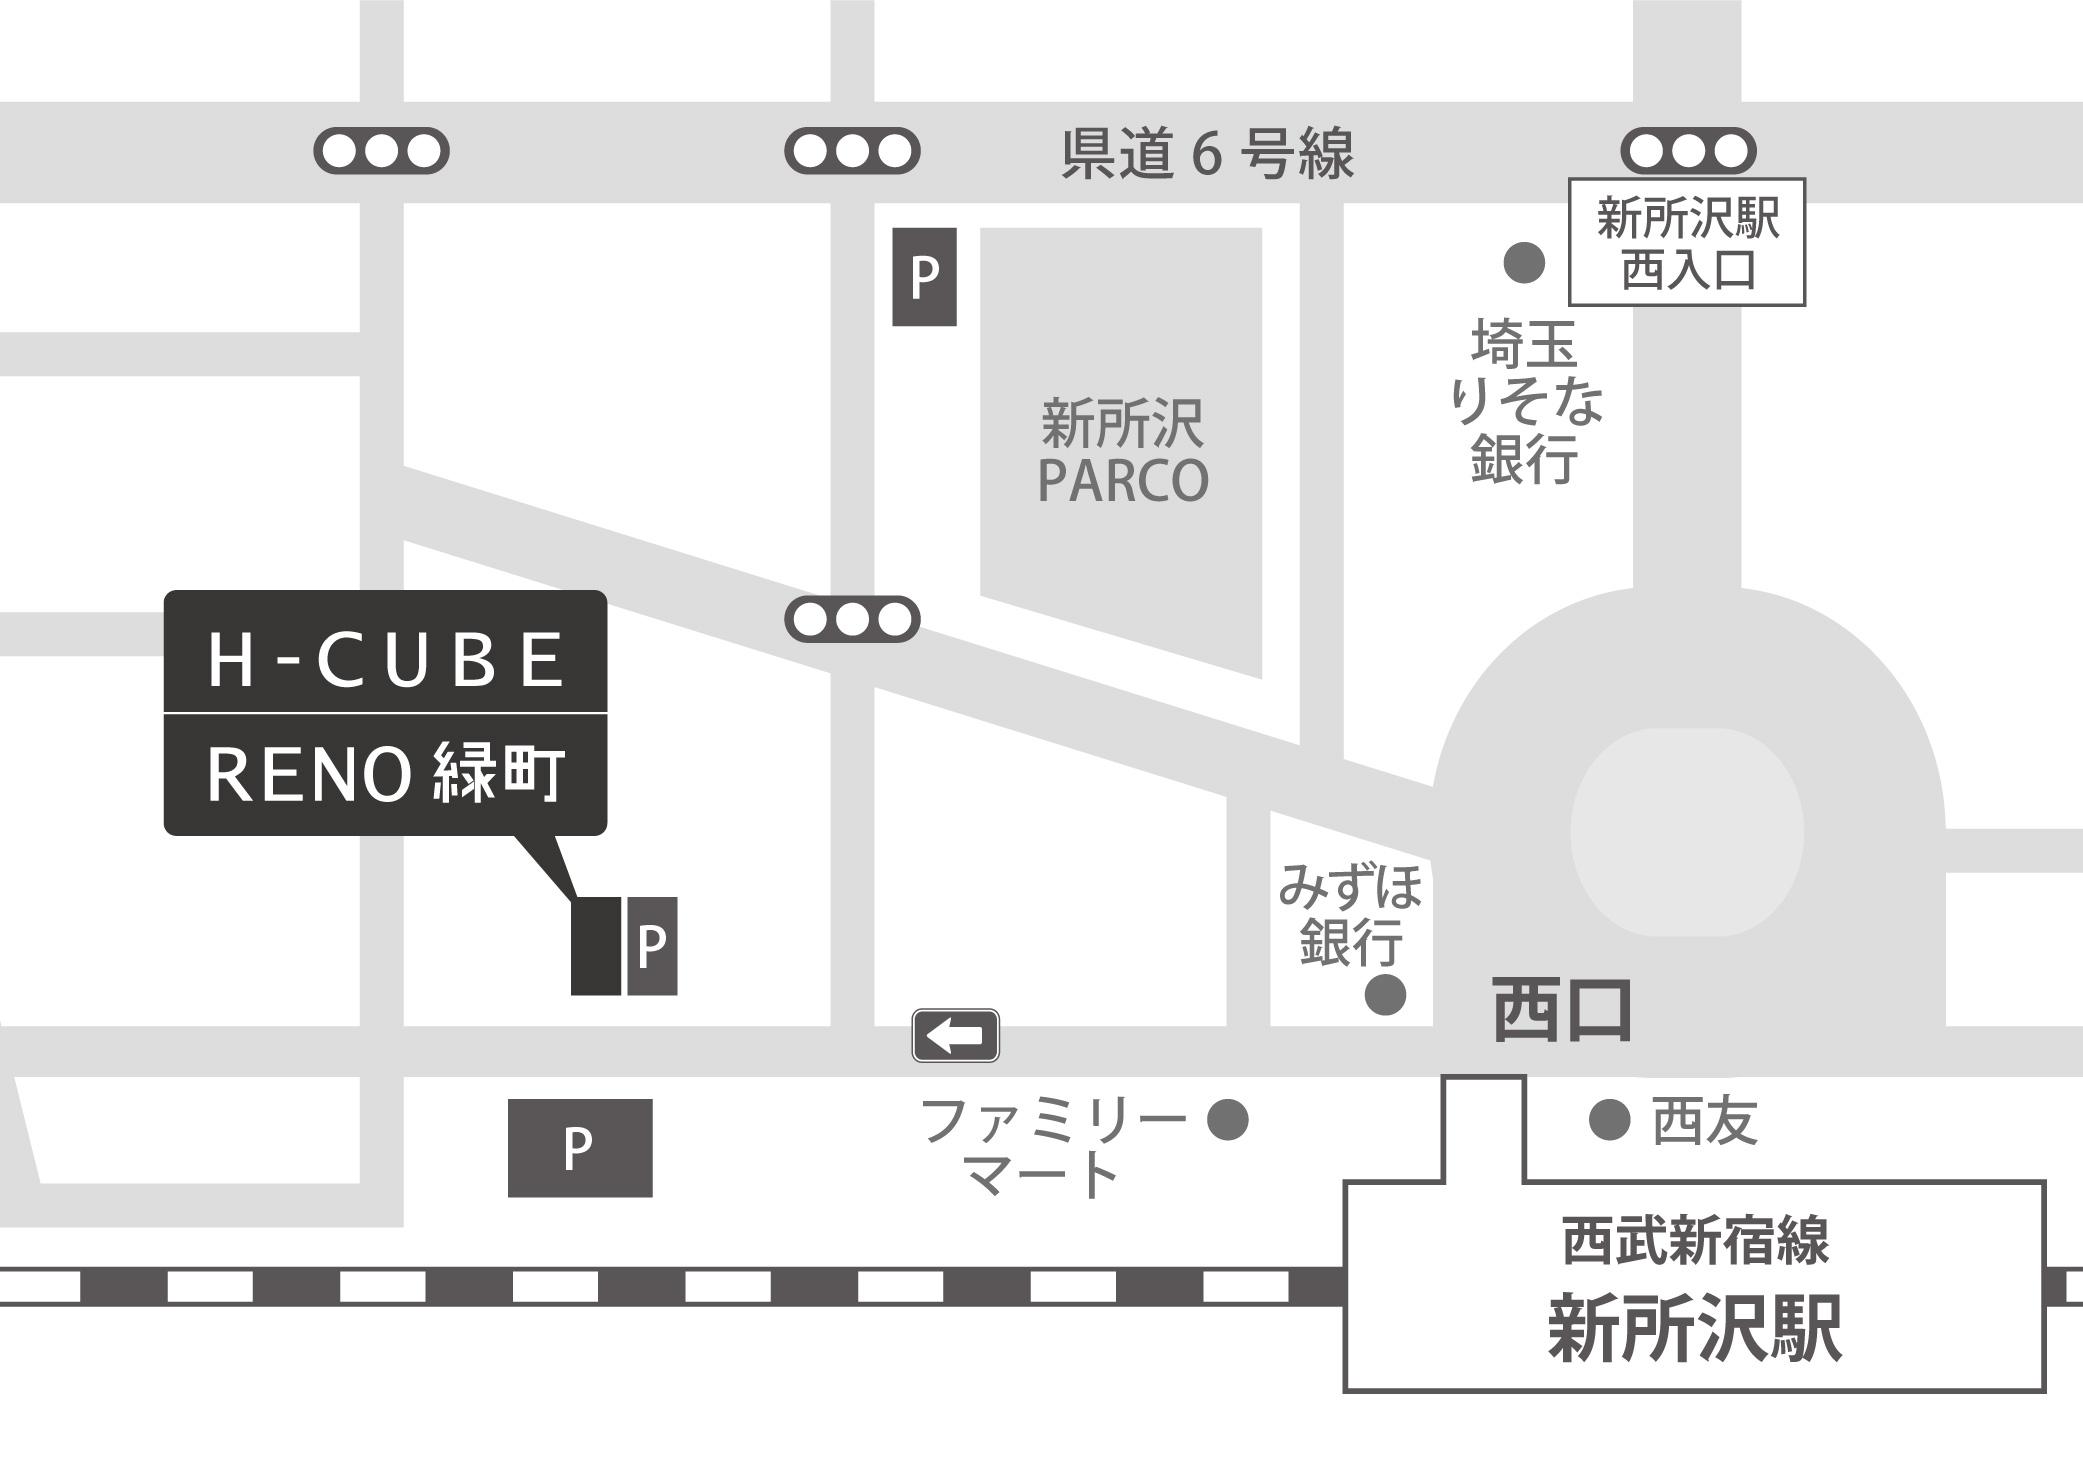 美容室 TBK 新所沢アトリエ店へのアクセスマップ